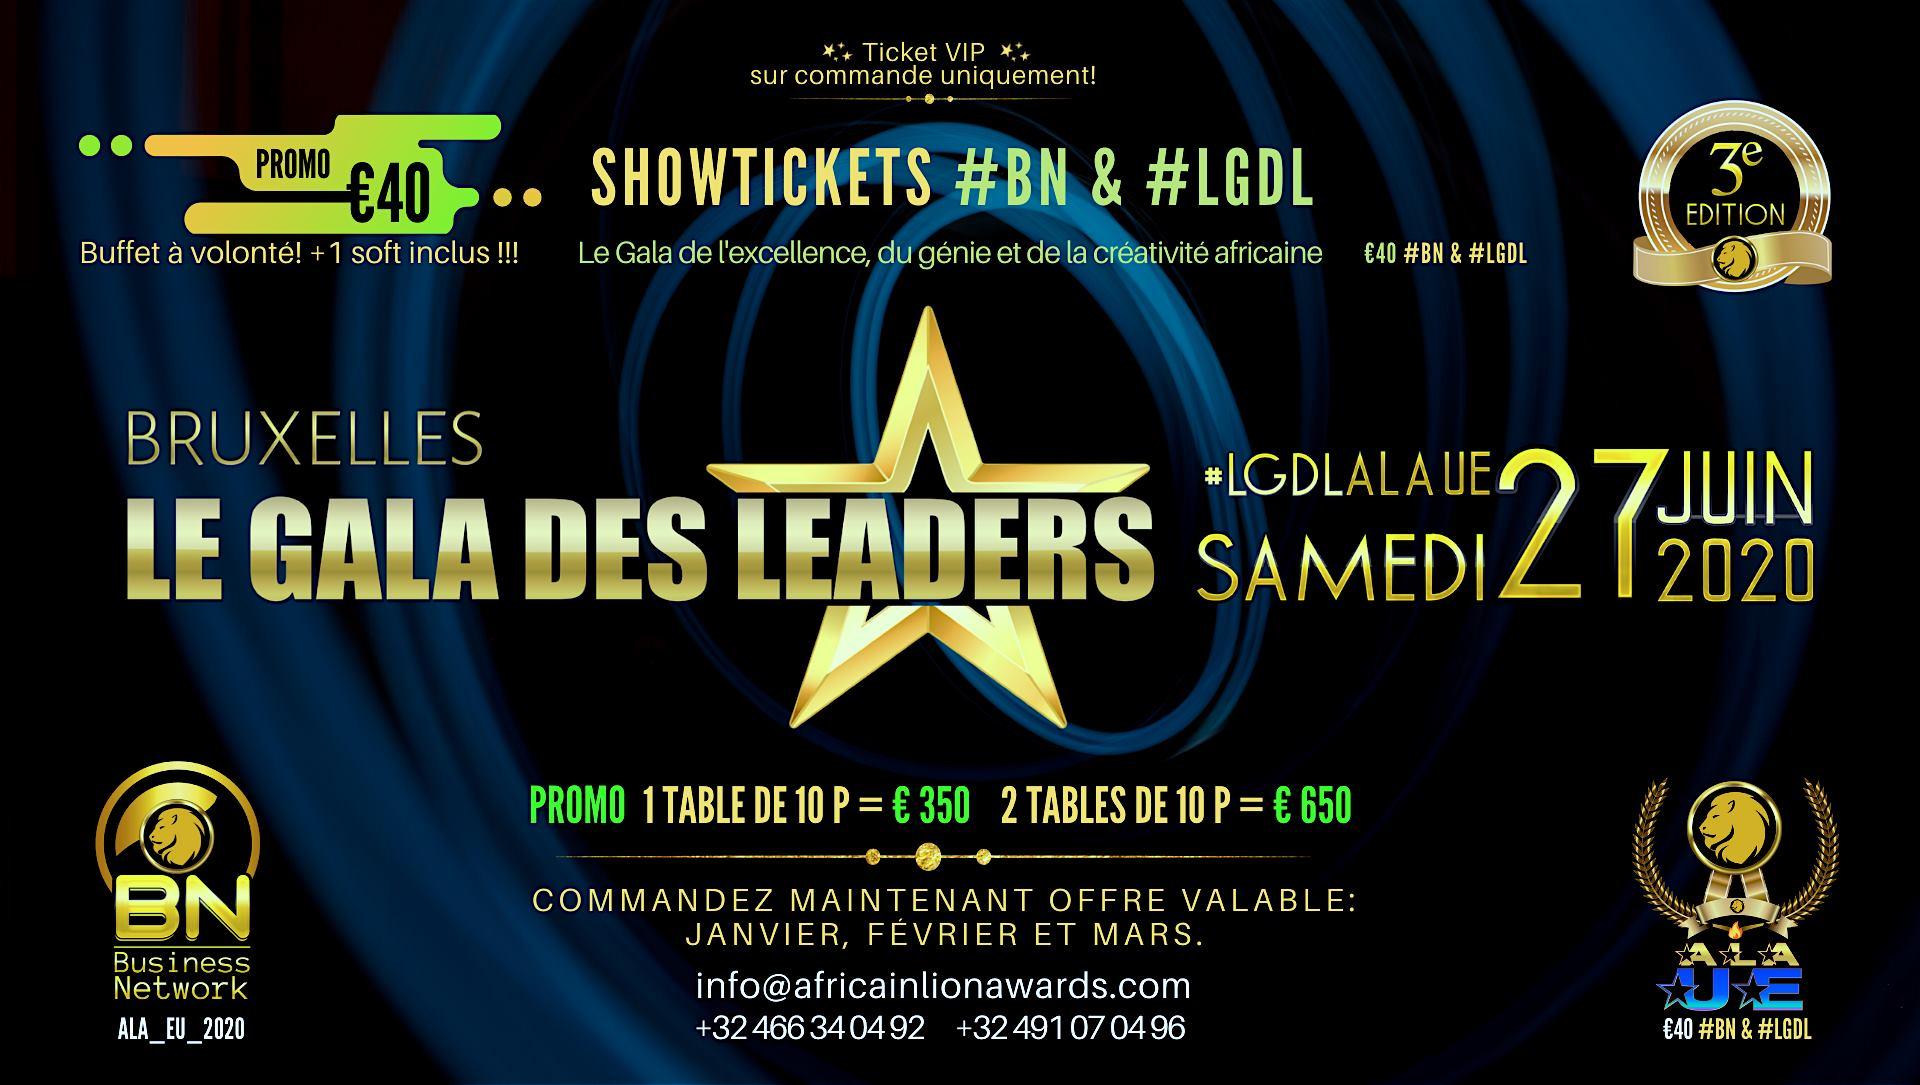 Commandez vos tickets pour le Gala des Leaders #LGDL_ALA_EU maintenant! Et profitez de la promo, offre valable uniquement pour janvier, février et mars.